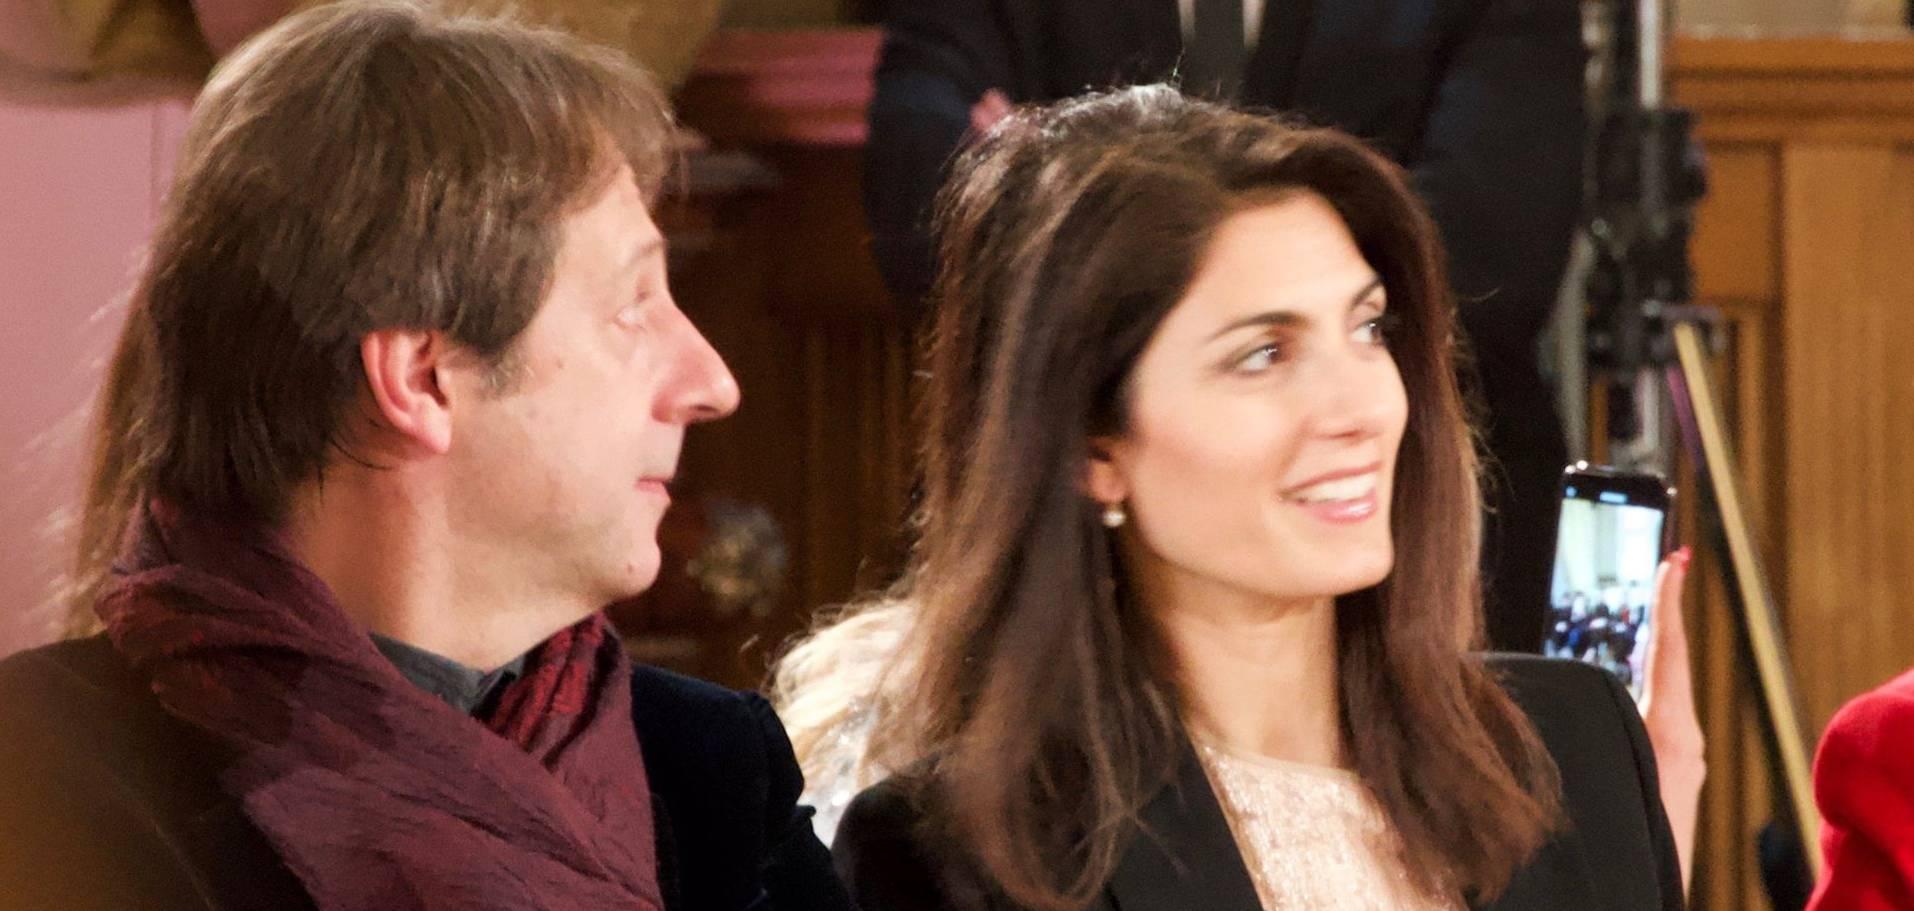 Virginia Raggi, sobria e chic alla sfilata Renato Balestra FOTO